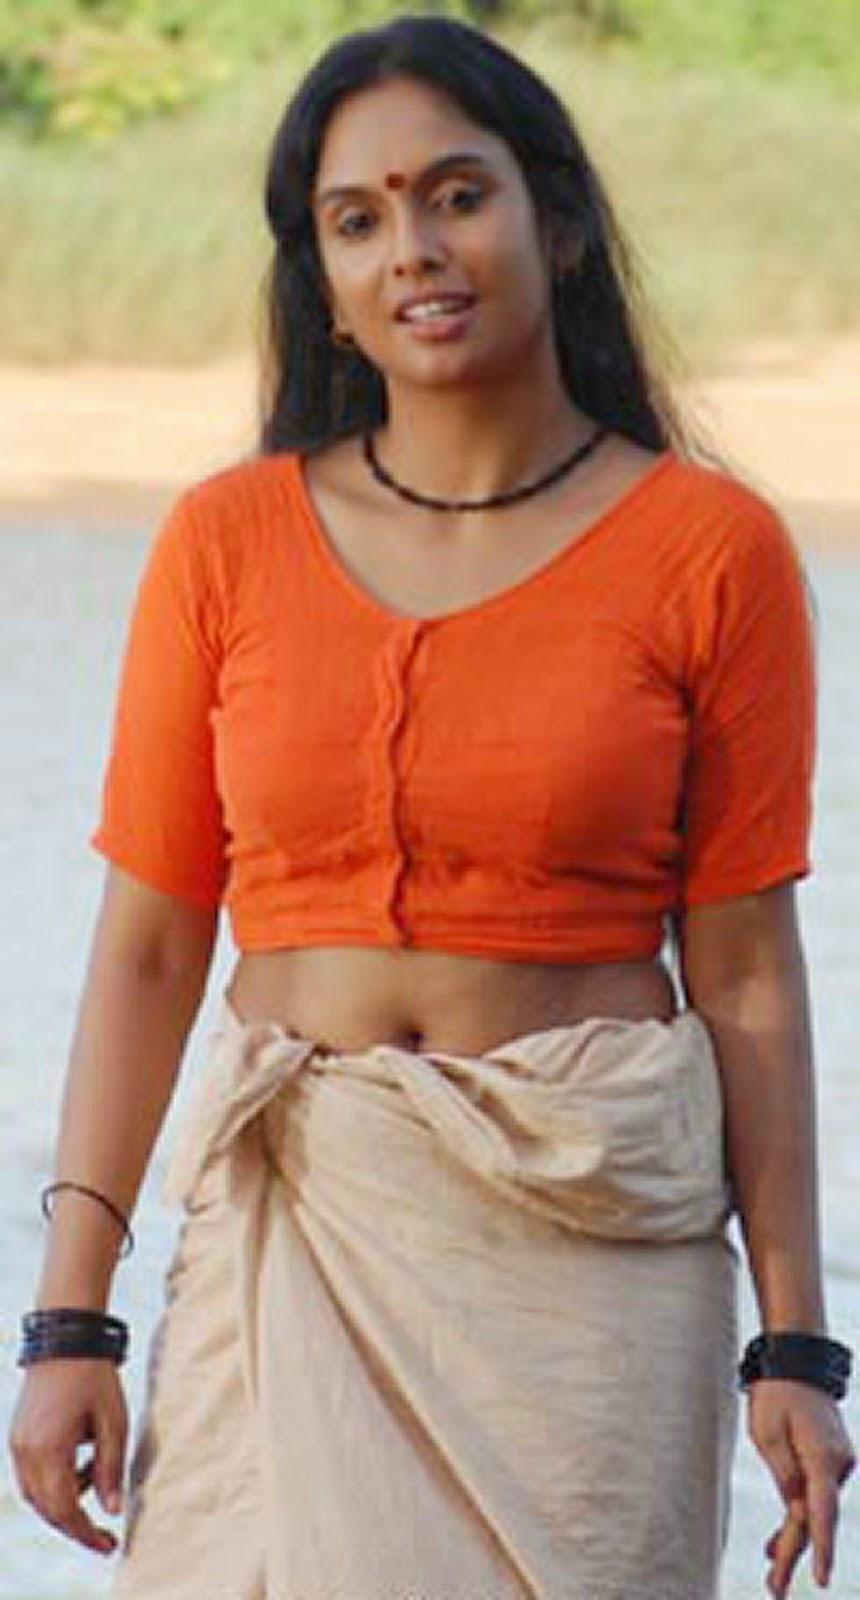 Malayalam Aunty Hot Navel Boobs Photos - Wallpapers Free-1326